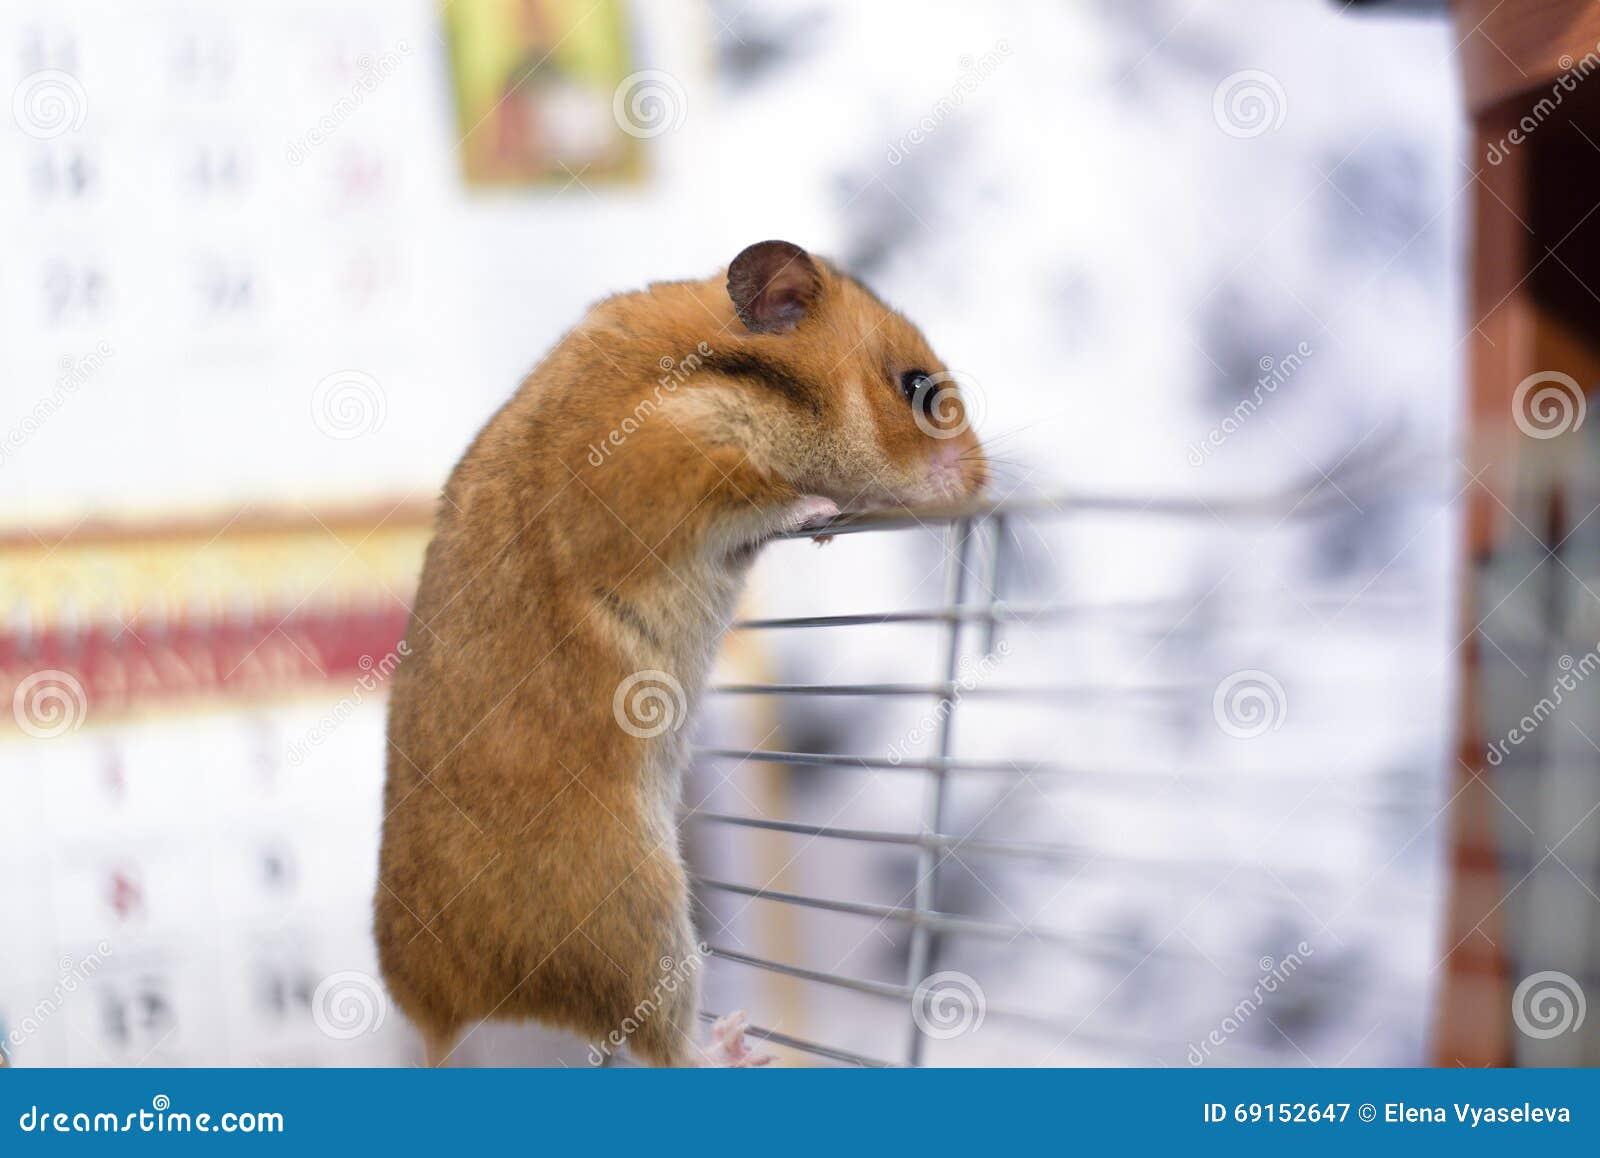 滑稽的金黄叙利亚笼子离开他的兔子.小仓鼠的的特点图片